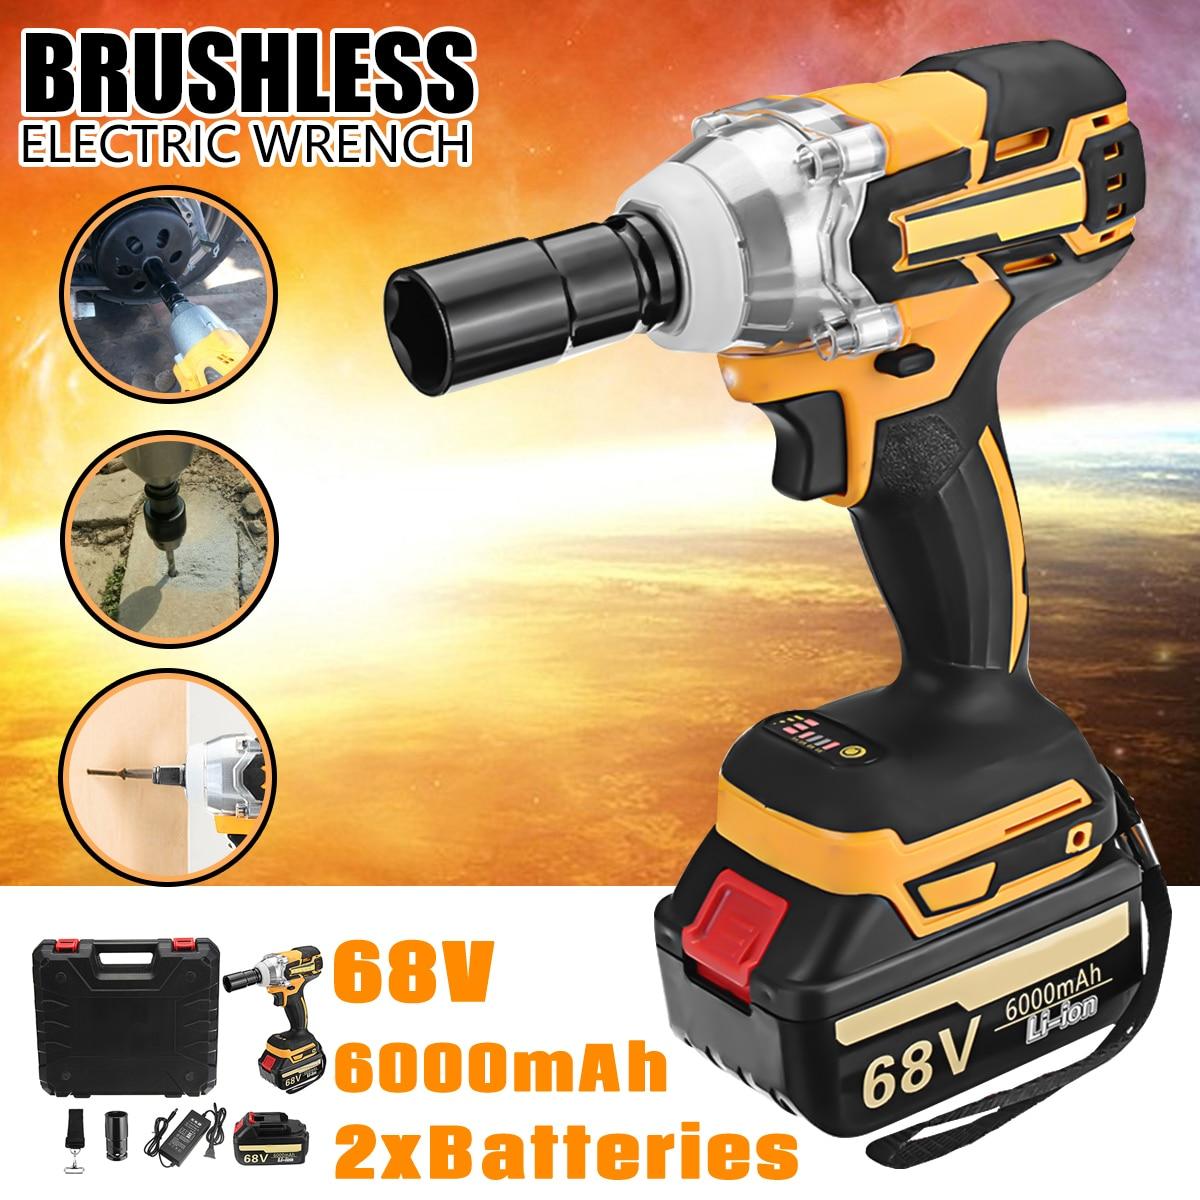 Doersupp 1 pcs 68 v 6000 mah Électrique Clé 2 Batteries 1 Brushless Chargeur Sans Fil Lecteur 380 NM Électrique Clé outils électriques